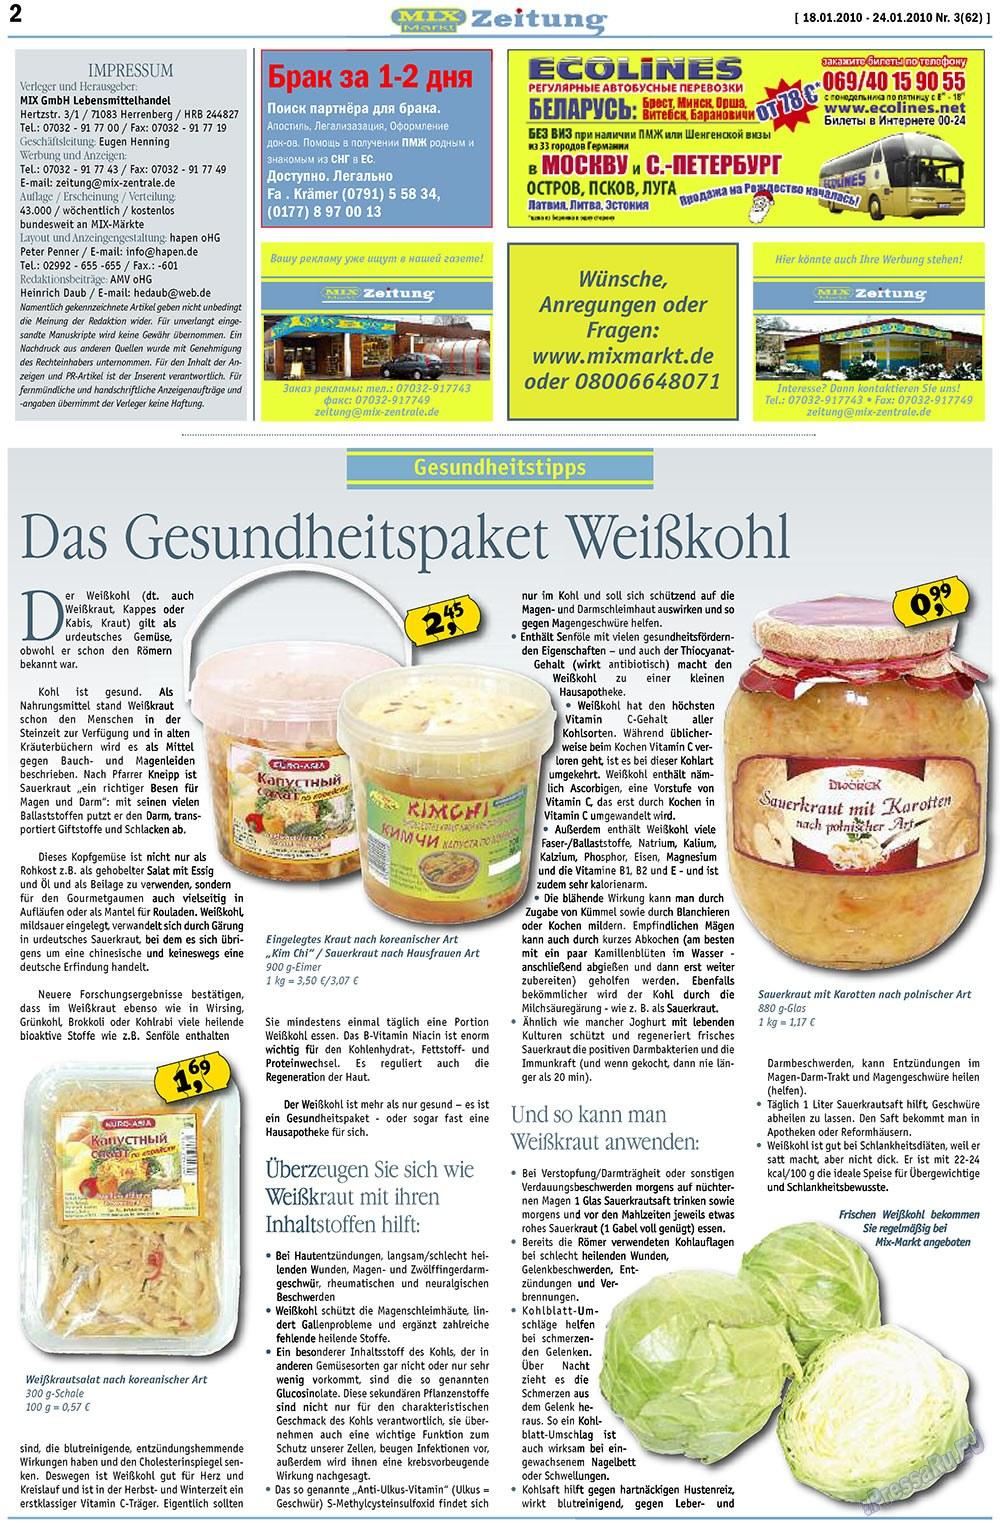 MIX-Markt Zeitung (газета). 2010 год, номер 3, стр. 2